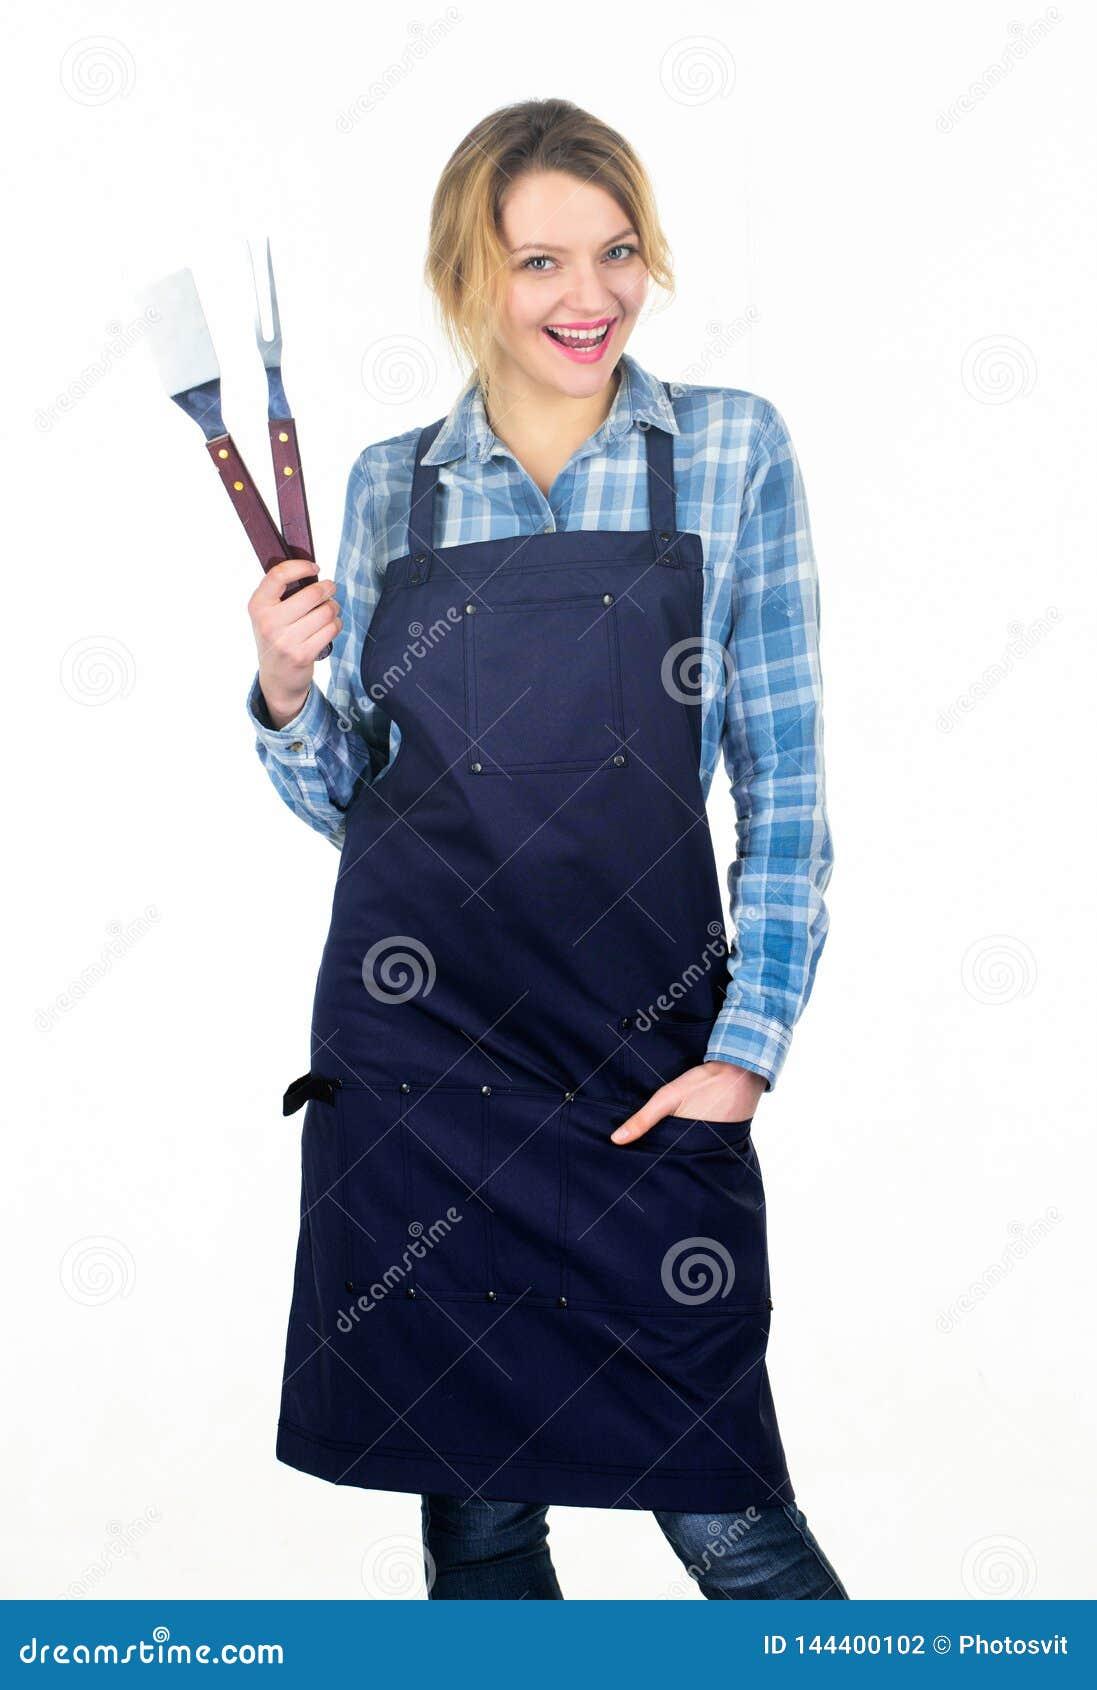 Lo hice Barbacoa de la comida campestre comida que cocina receta Muchacha bonita en delantal del cocinero Preparación y culinario